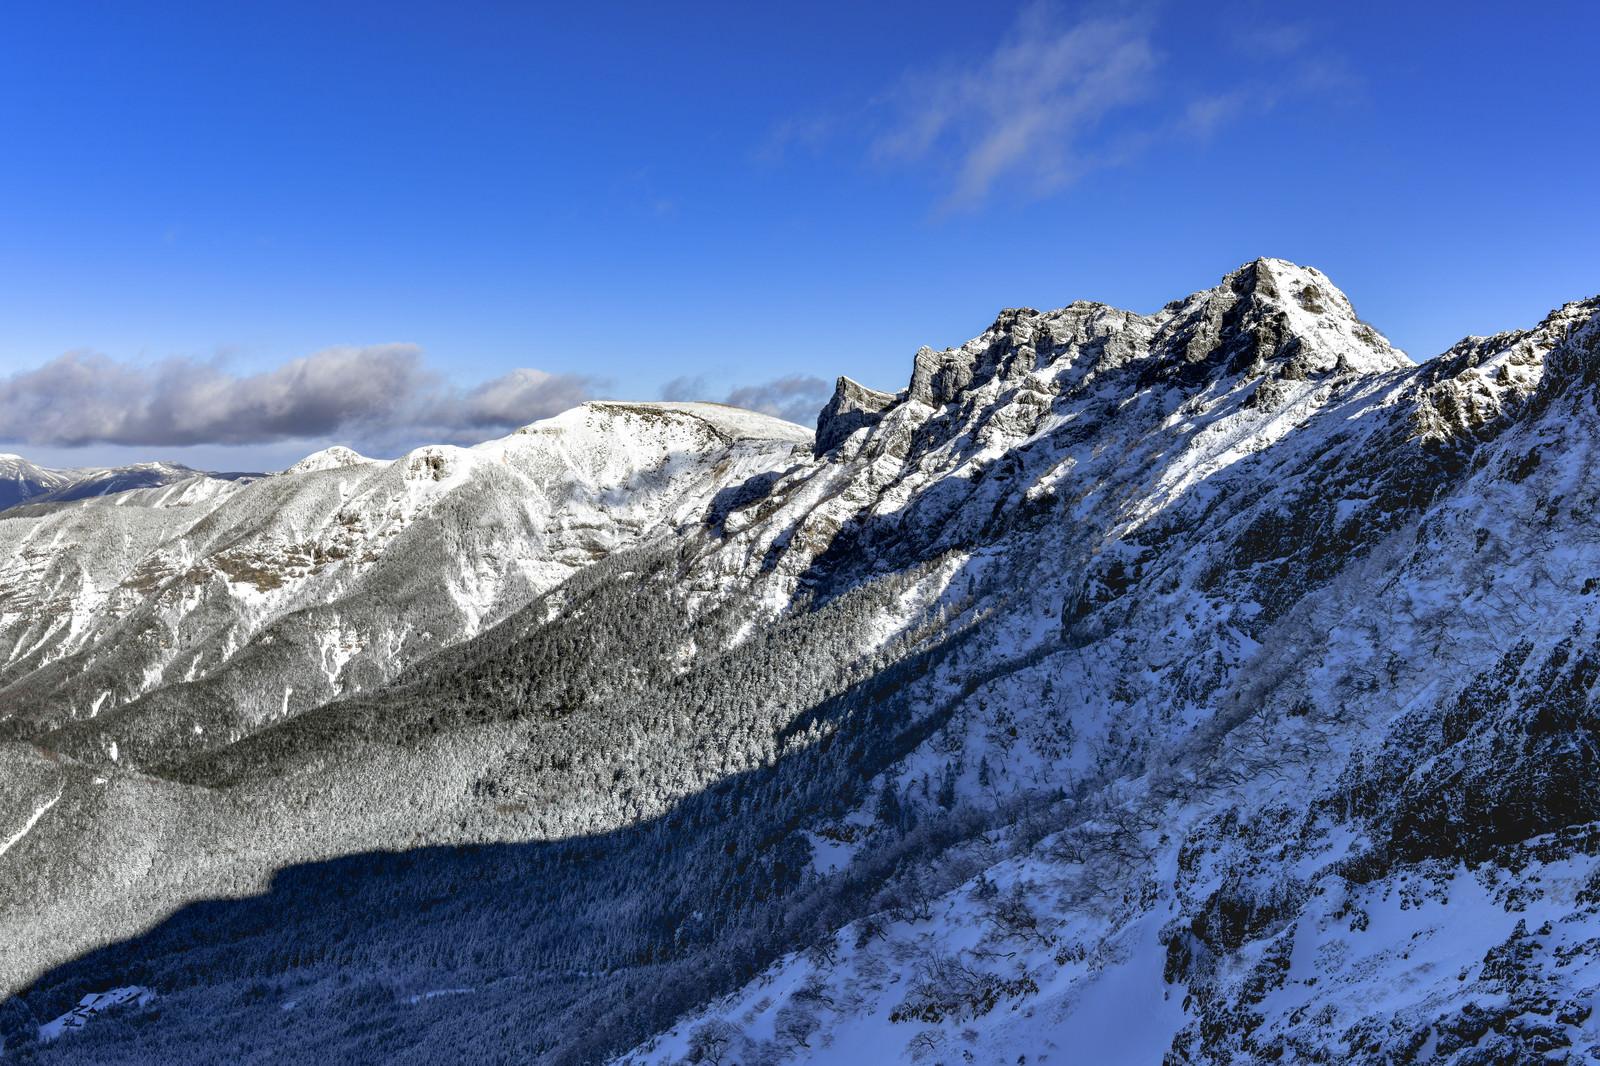 「朝日に照らされる雪の横岳(よこだけ)と硫黄岳(いおうだけ)」の写真